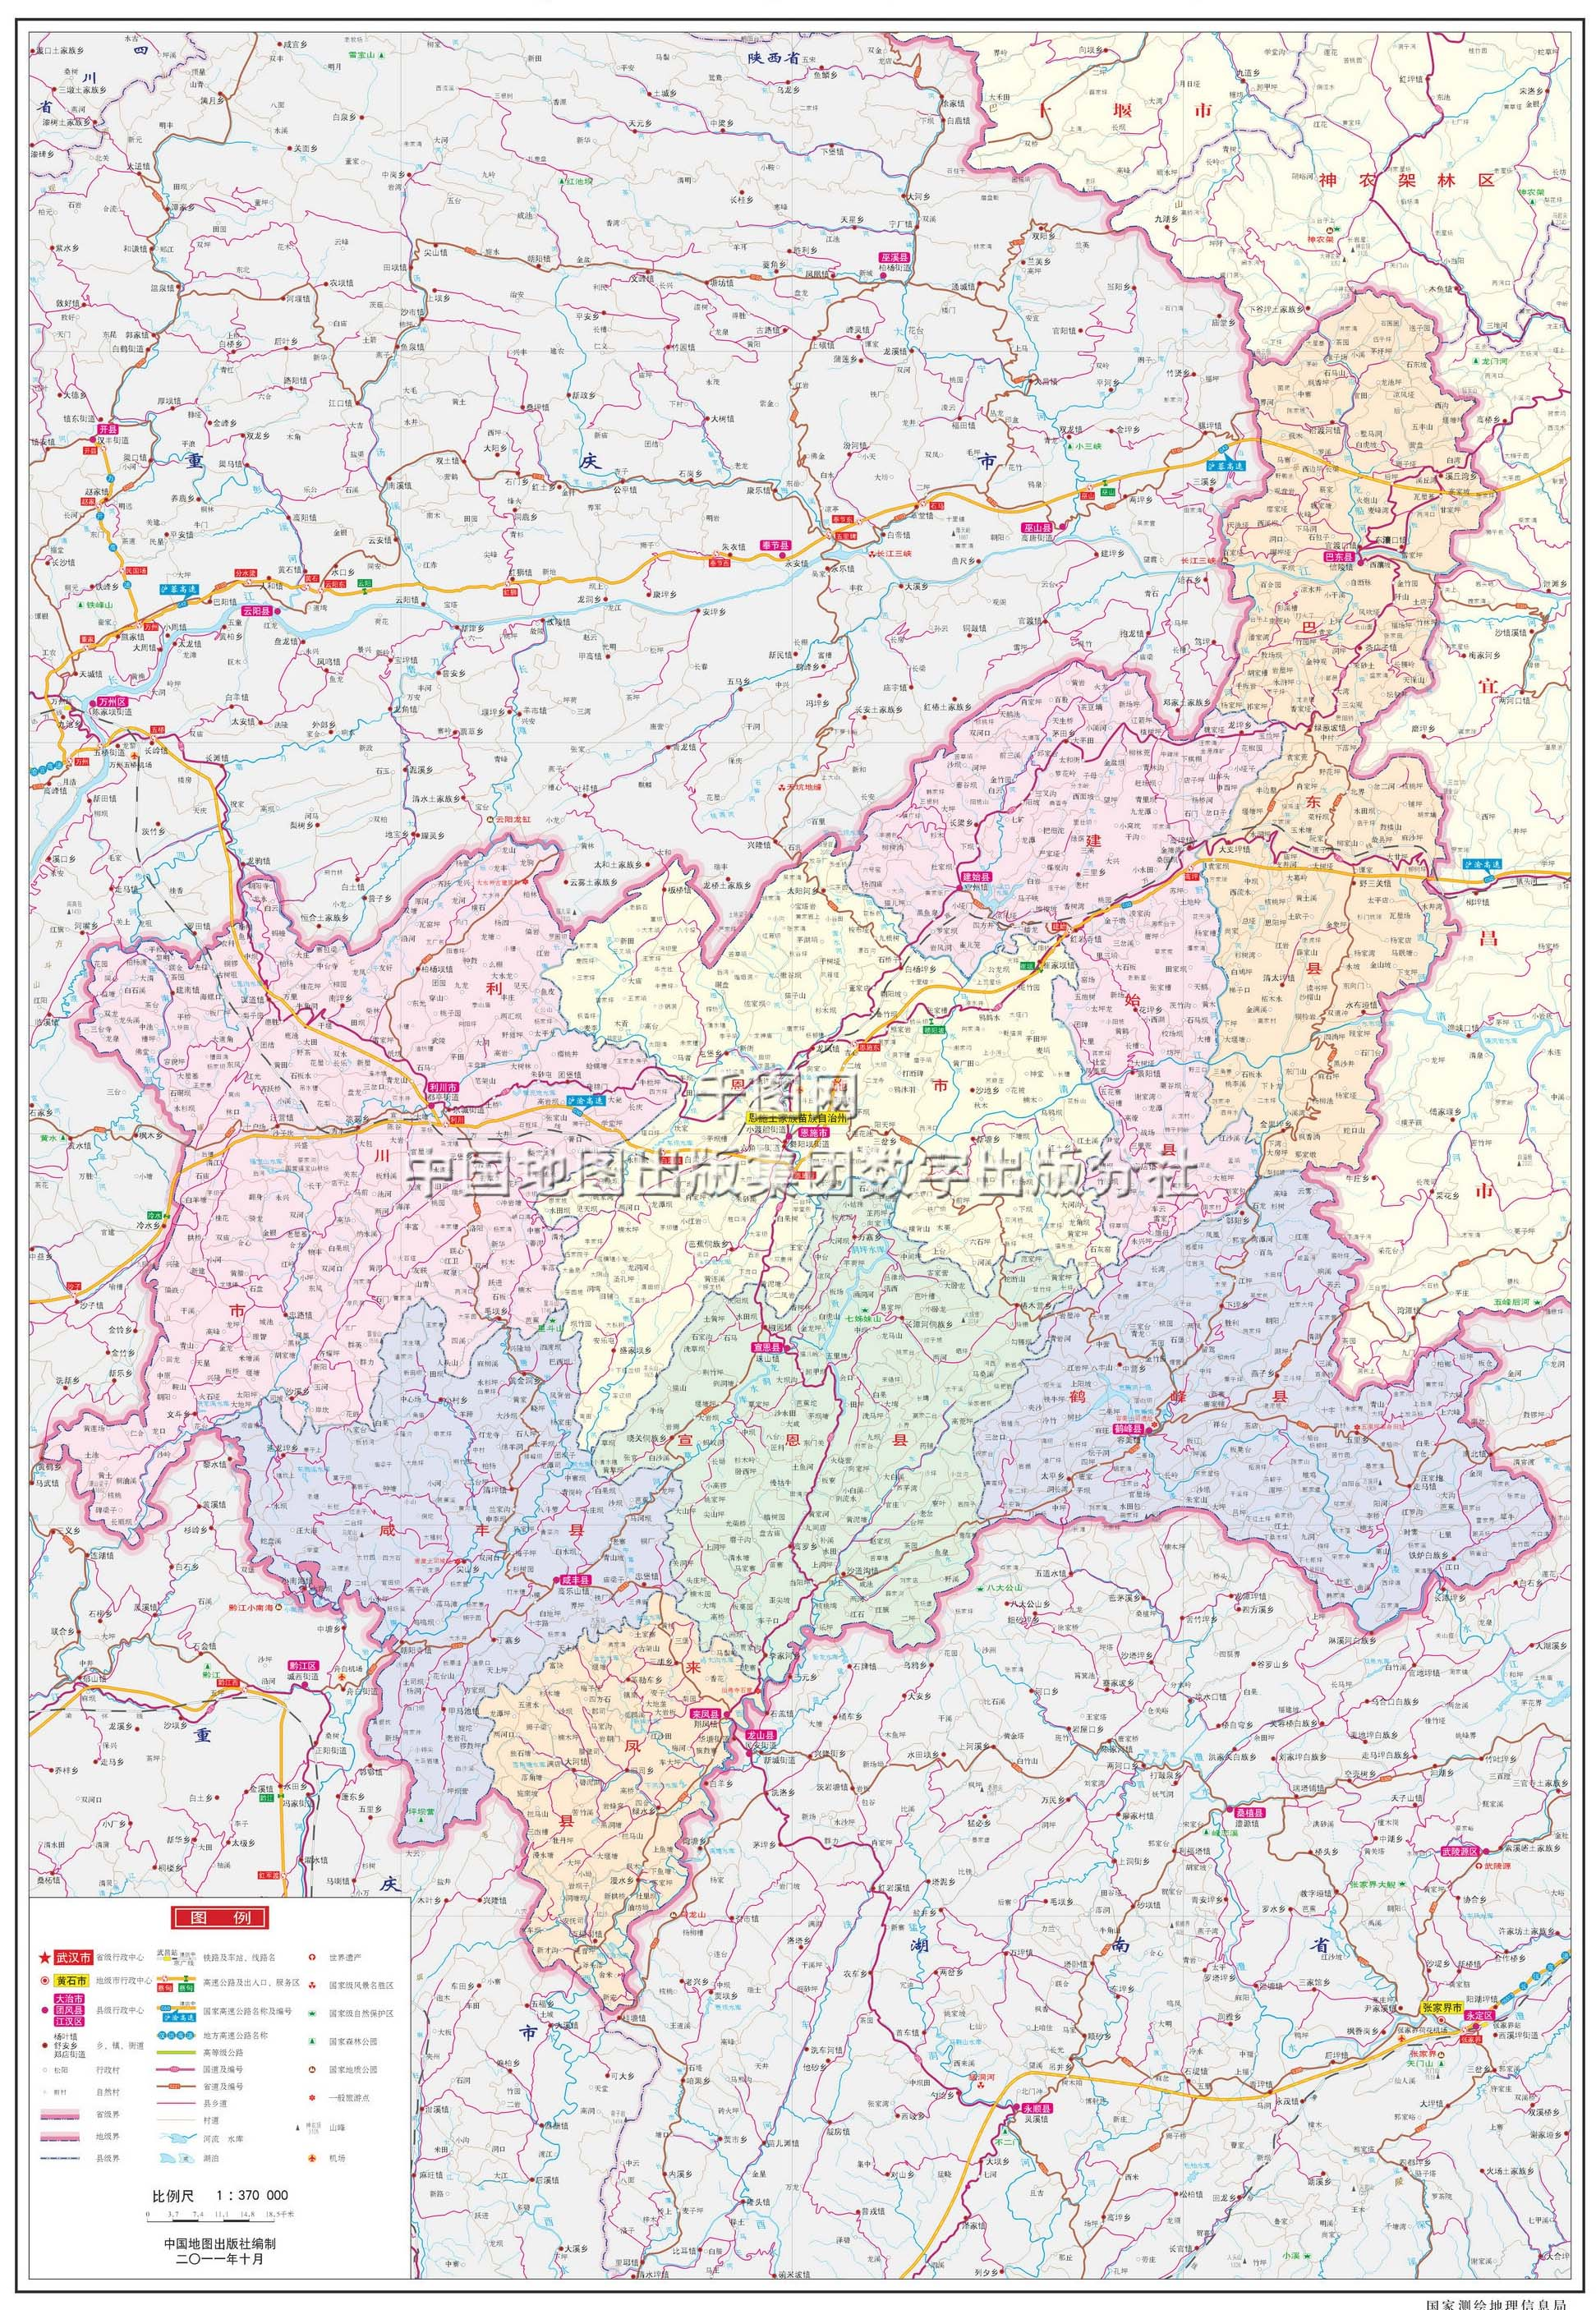 恩施土家族苗族自治州地图高清版图片